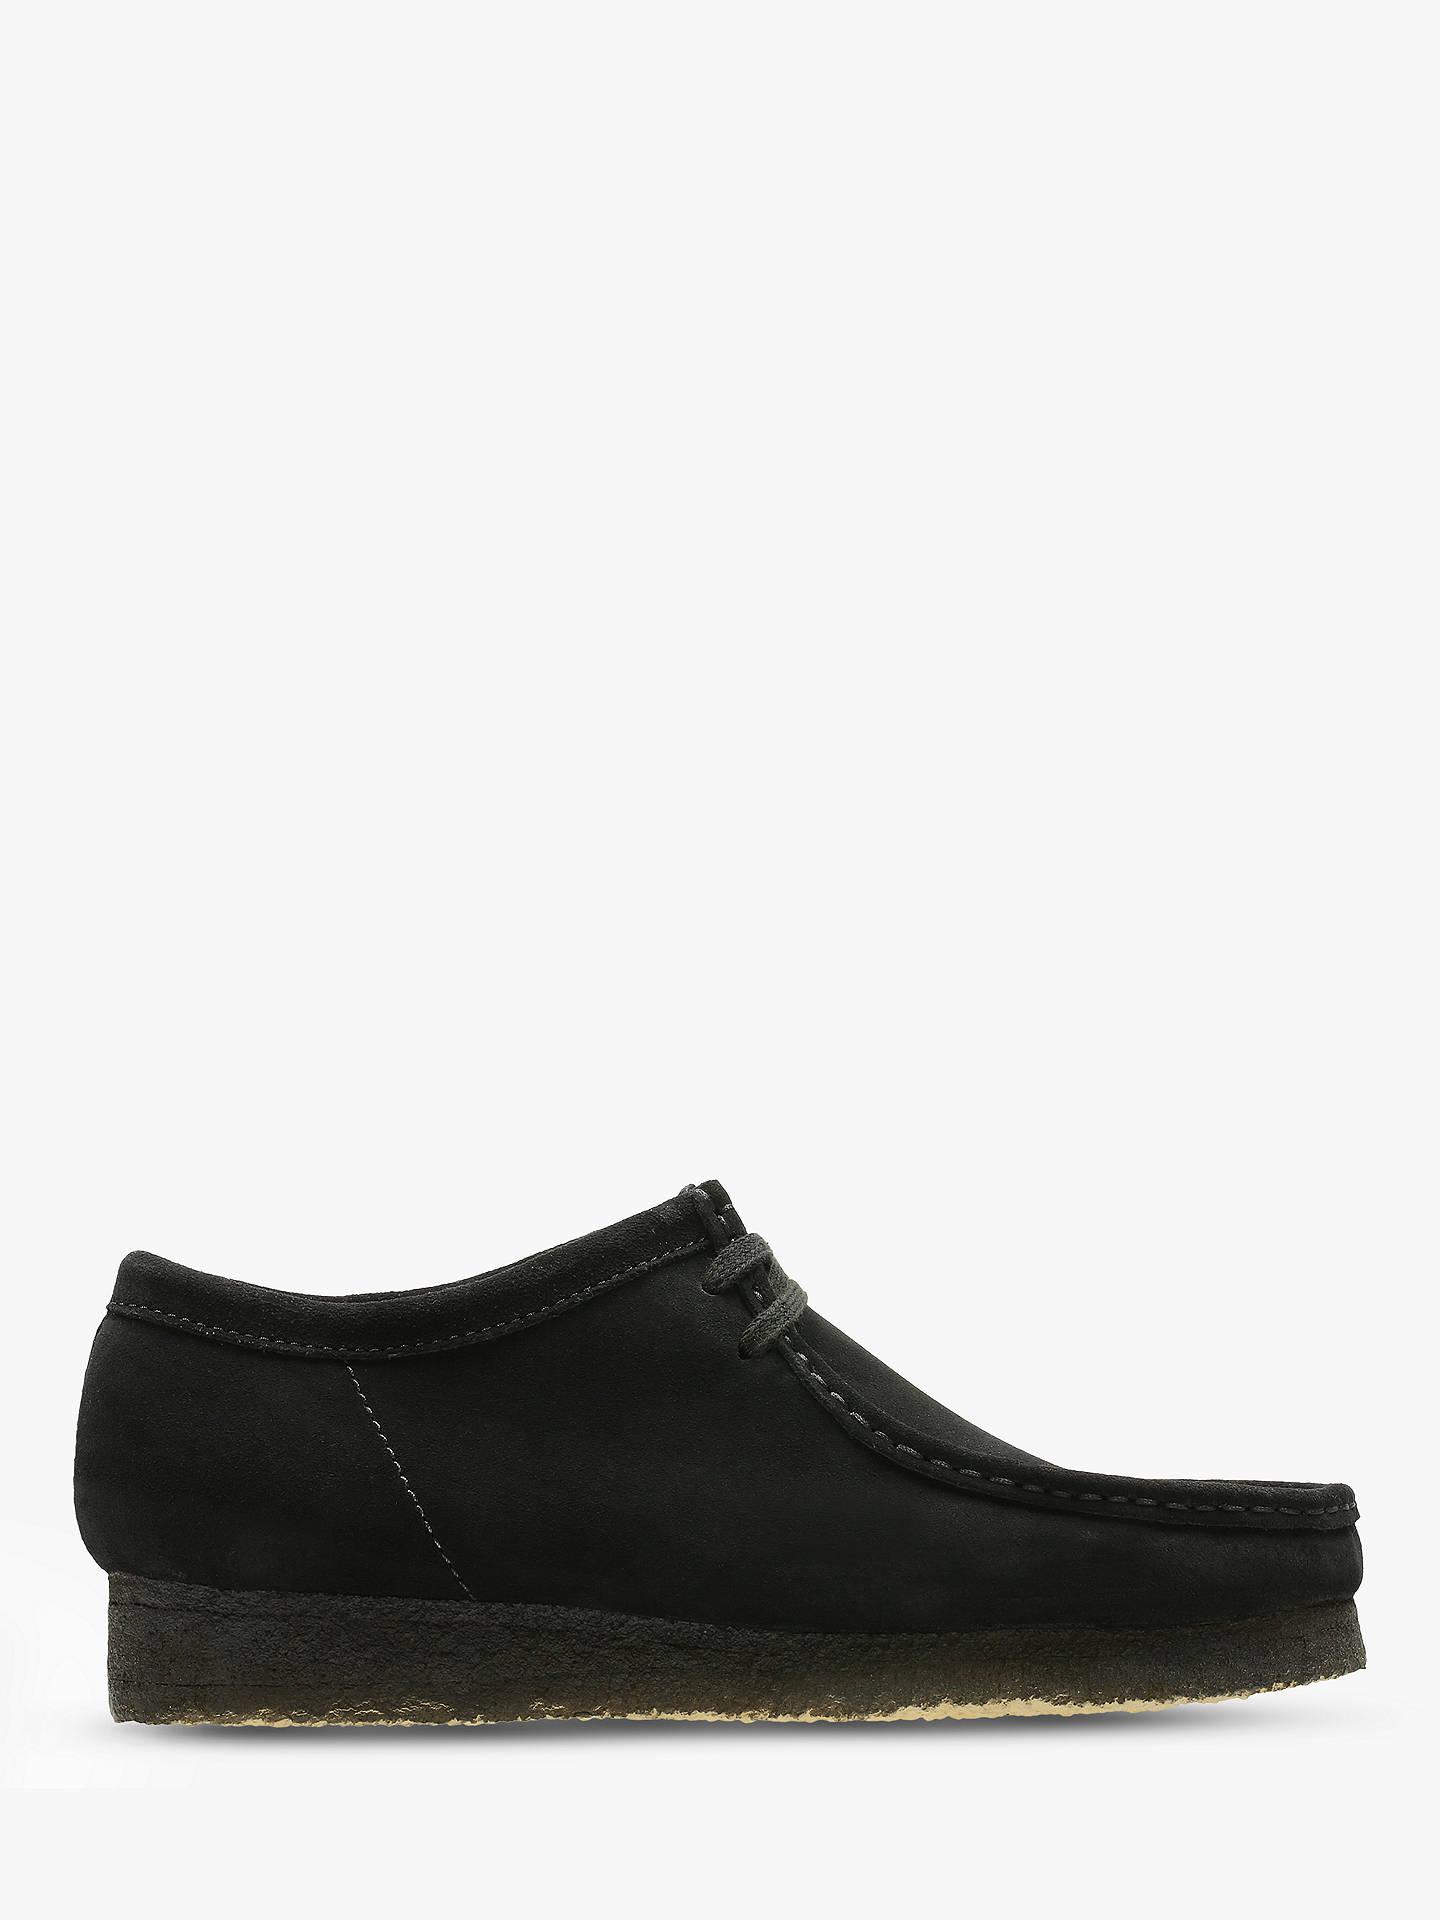 Clarks Originals Suede Wallabee Shoes Black